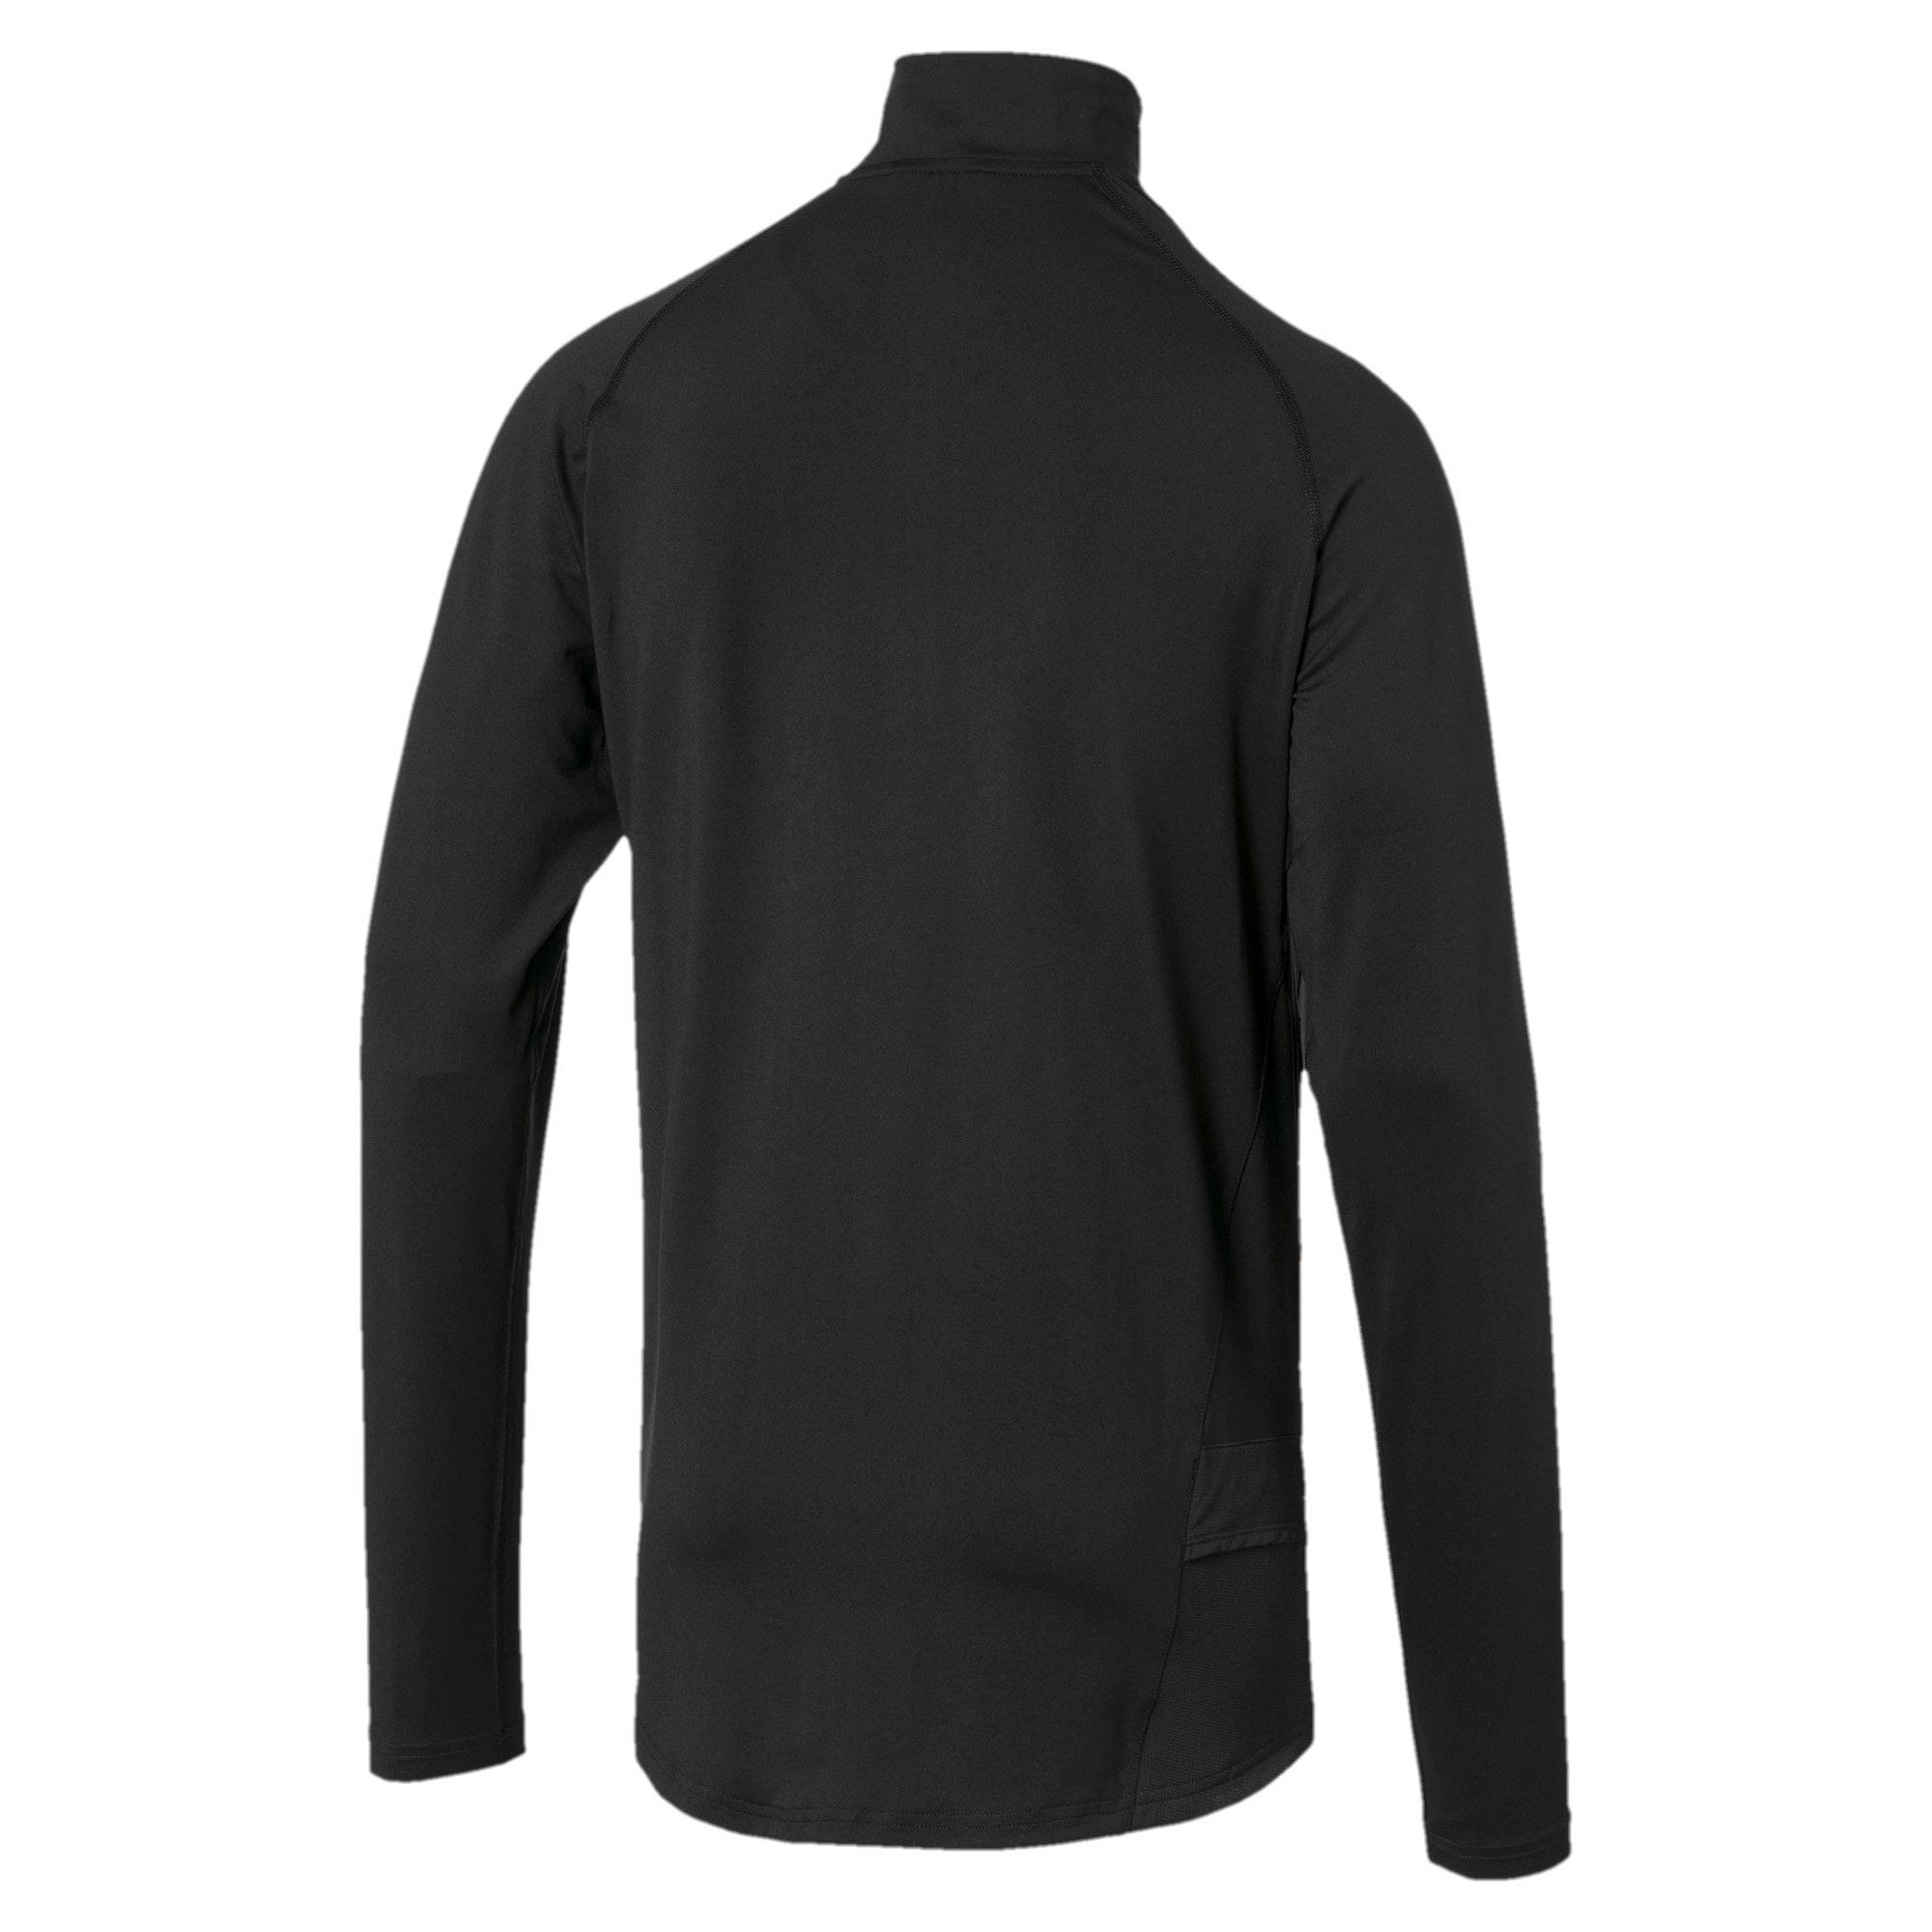 Miniatura 4 de Camiseta sin mangasIgnitecon cierre corto para hombre, Puma Black-Nrgy Red, mediano